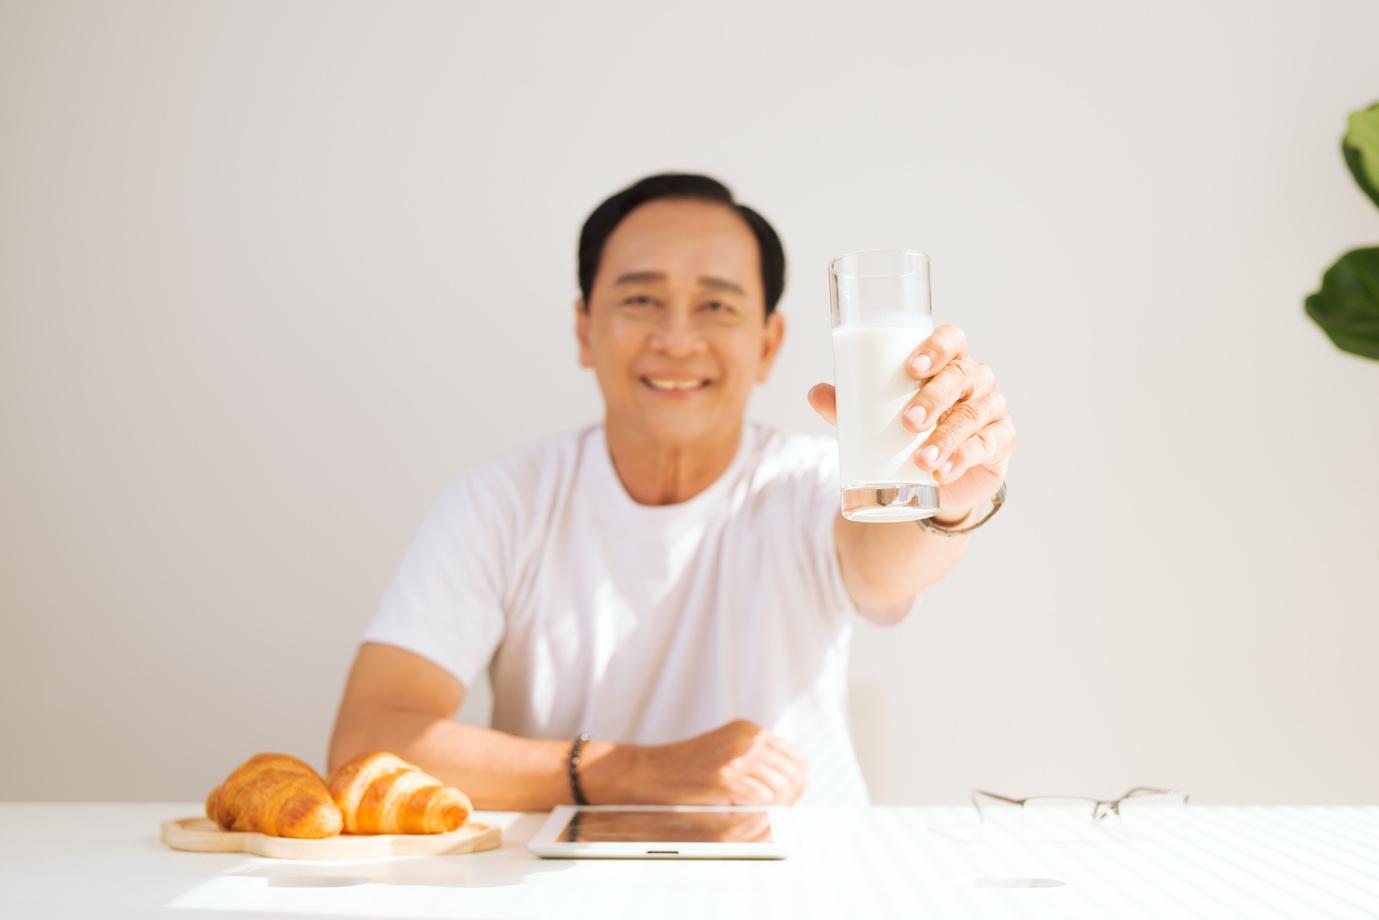 Người bệnh tiểu đường nên nhớ bổ sung 2 ly sữa dành cho người tiểu đường mỗi ngày, để giúp ổn định đường huyết và bảo vệ tim mạch tốt hơn. Ảnh:…………………